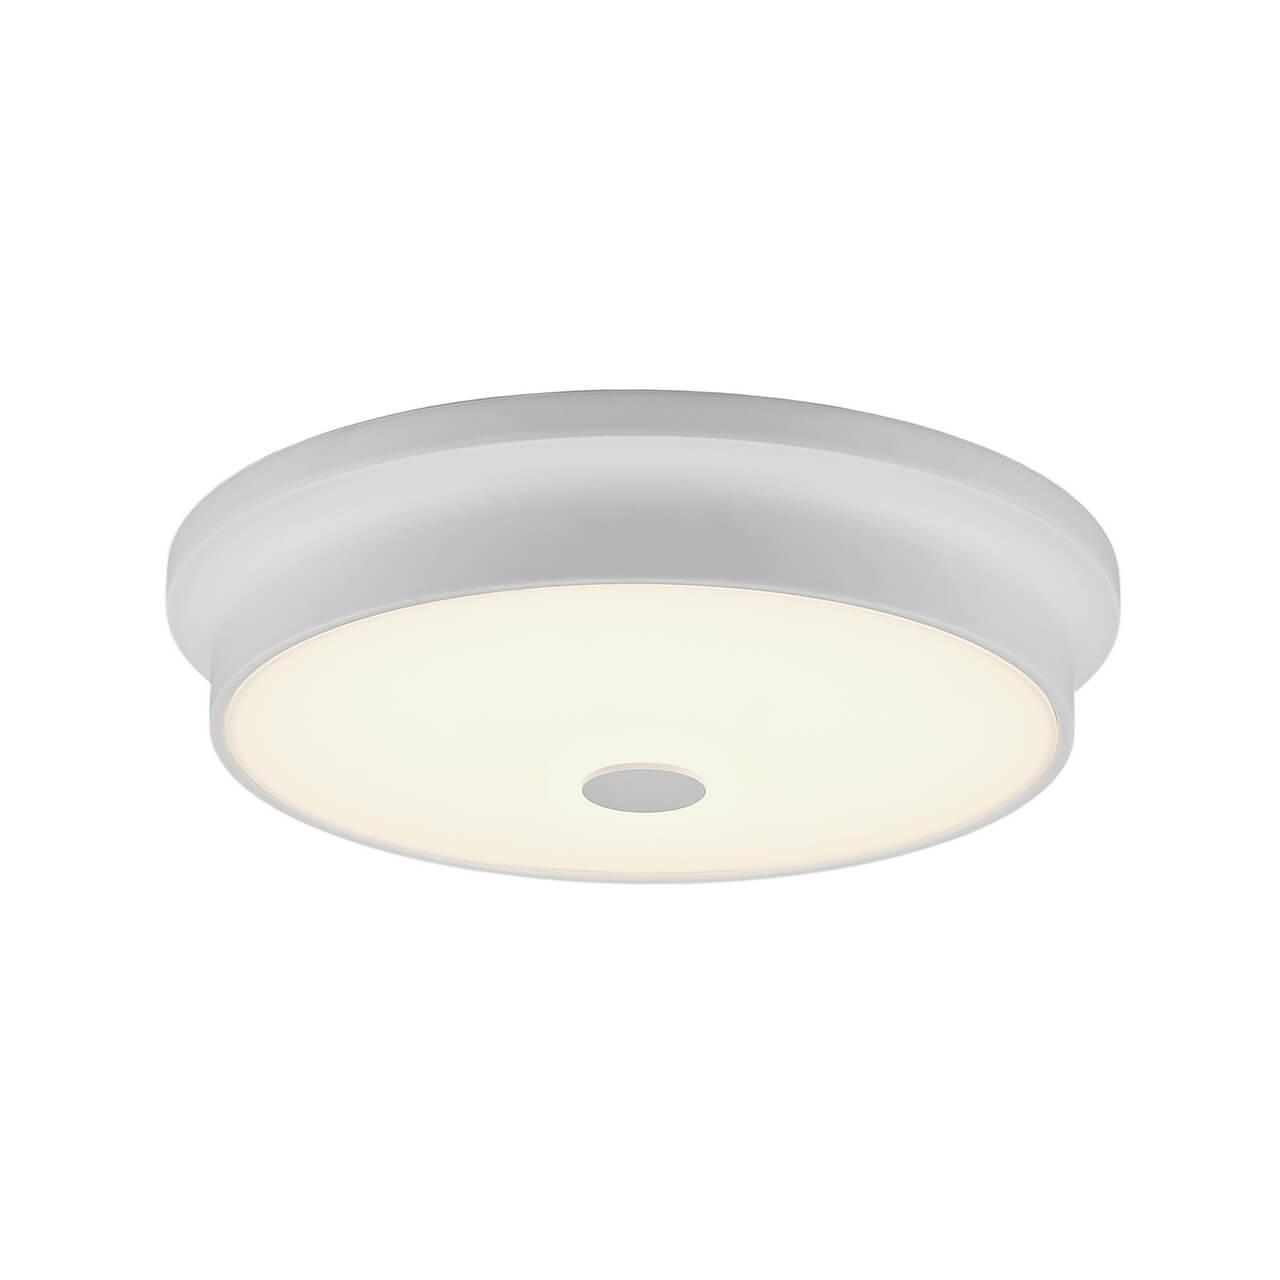 Потолочный светодиодный светильник Citilux Фостер-2 CL706230 накладной светильник citilux фостер 2 cl706221